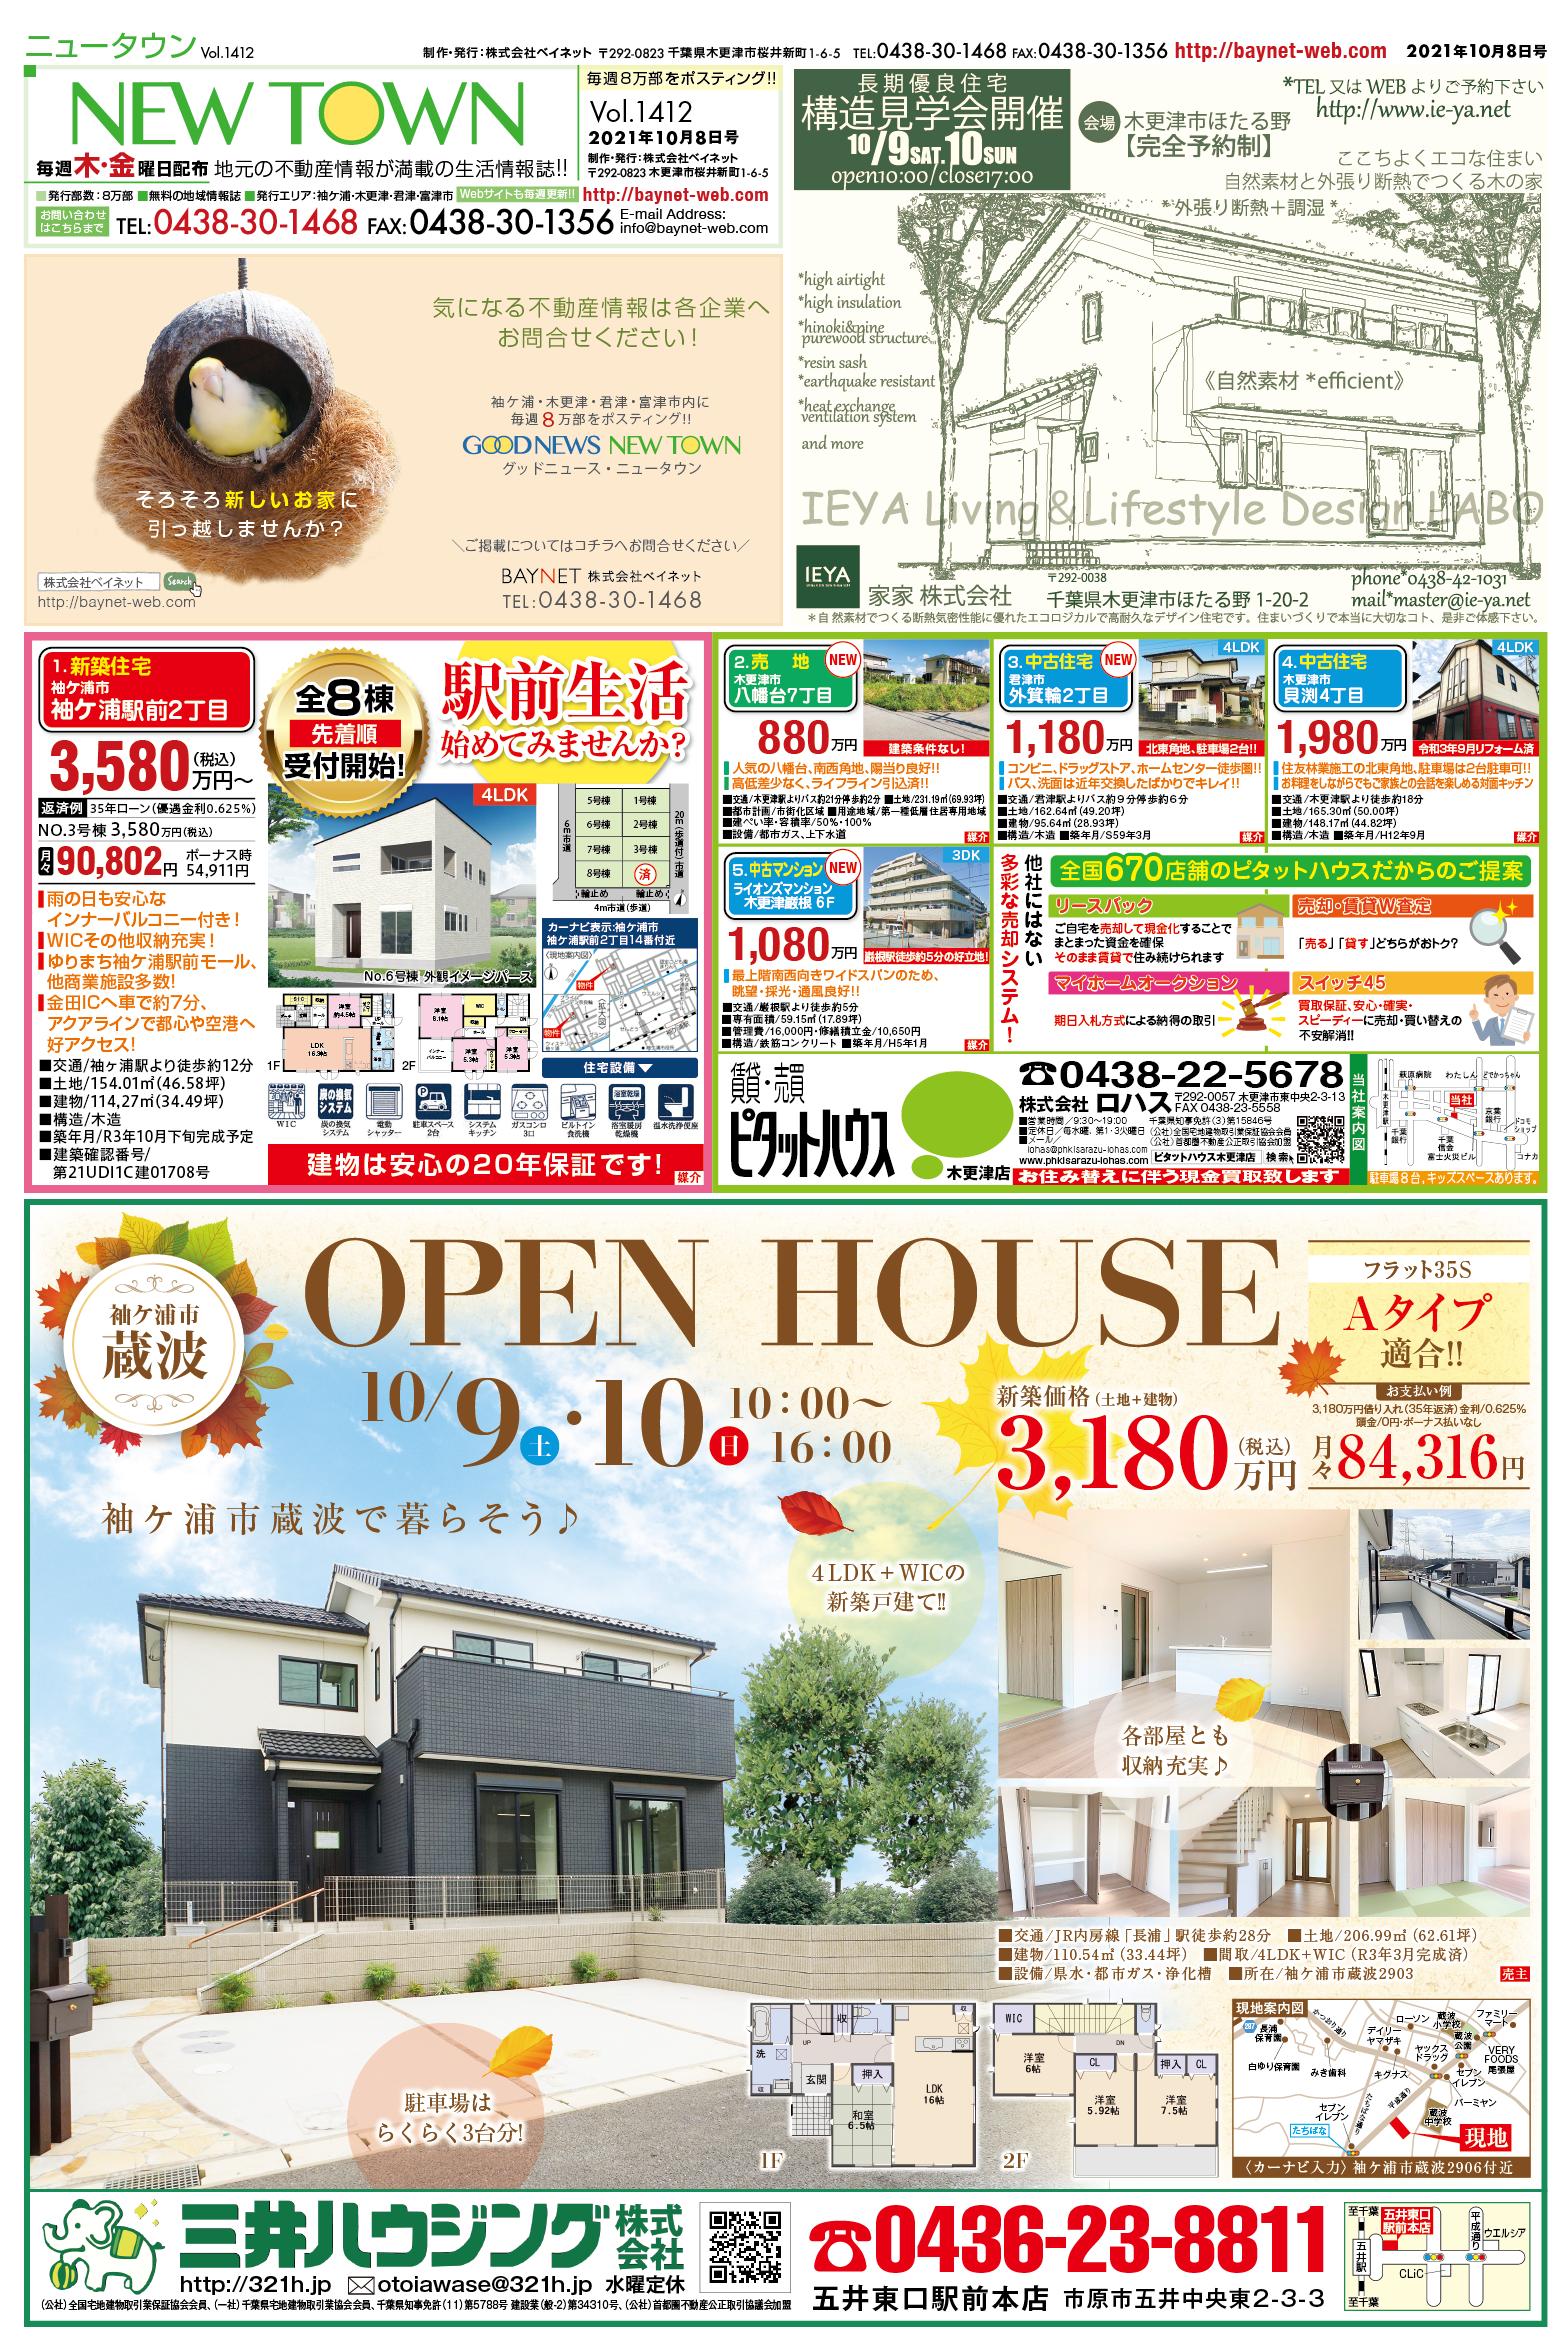 家家株式会社 ピタットハウス 三井ハウジング